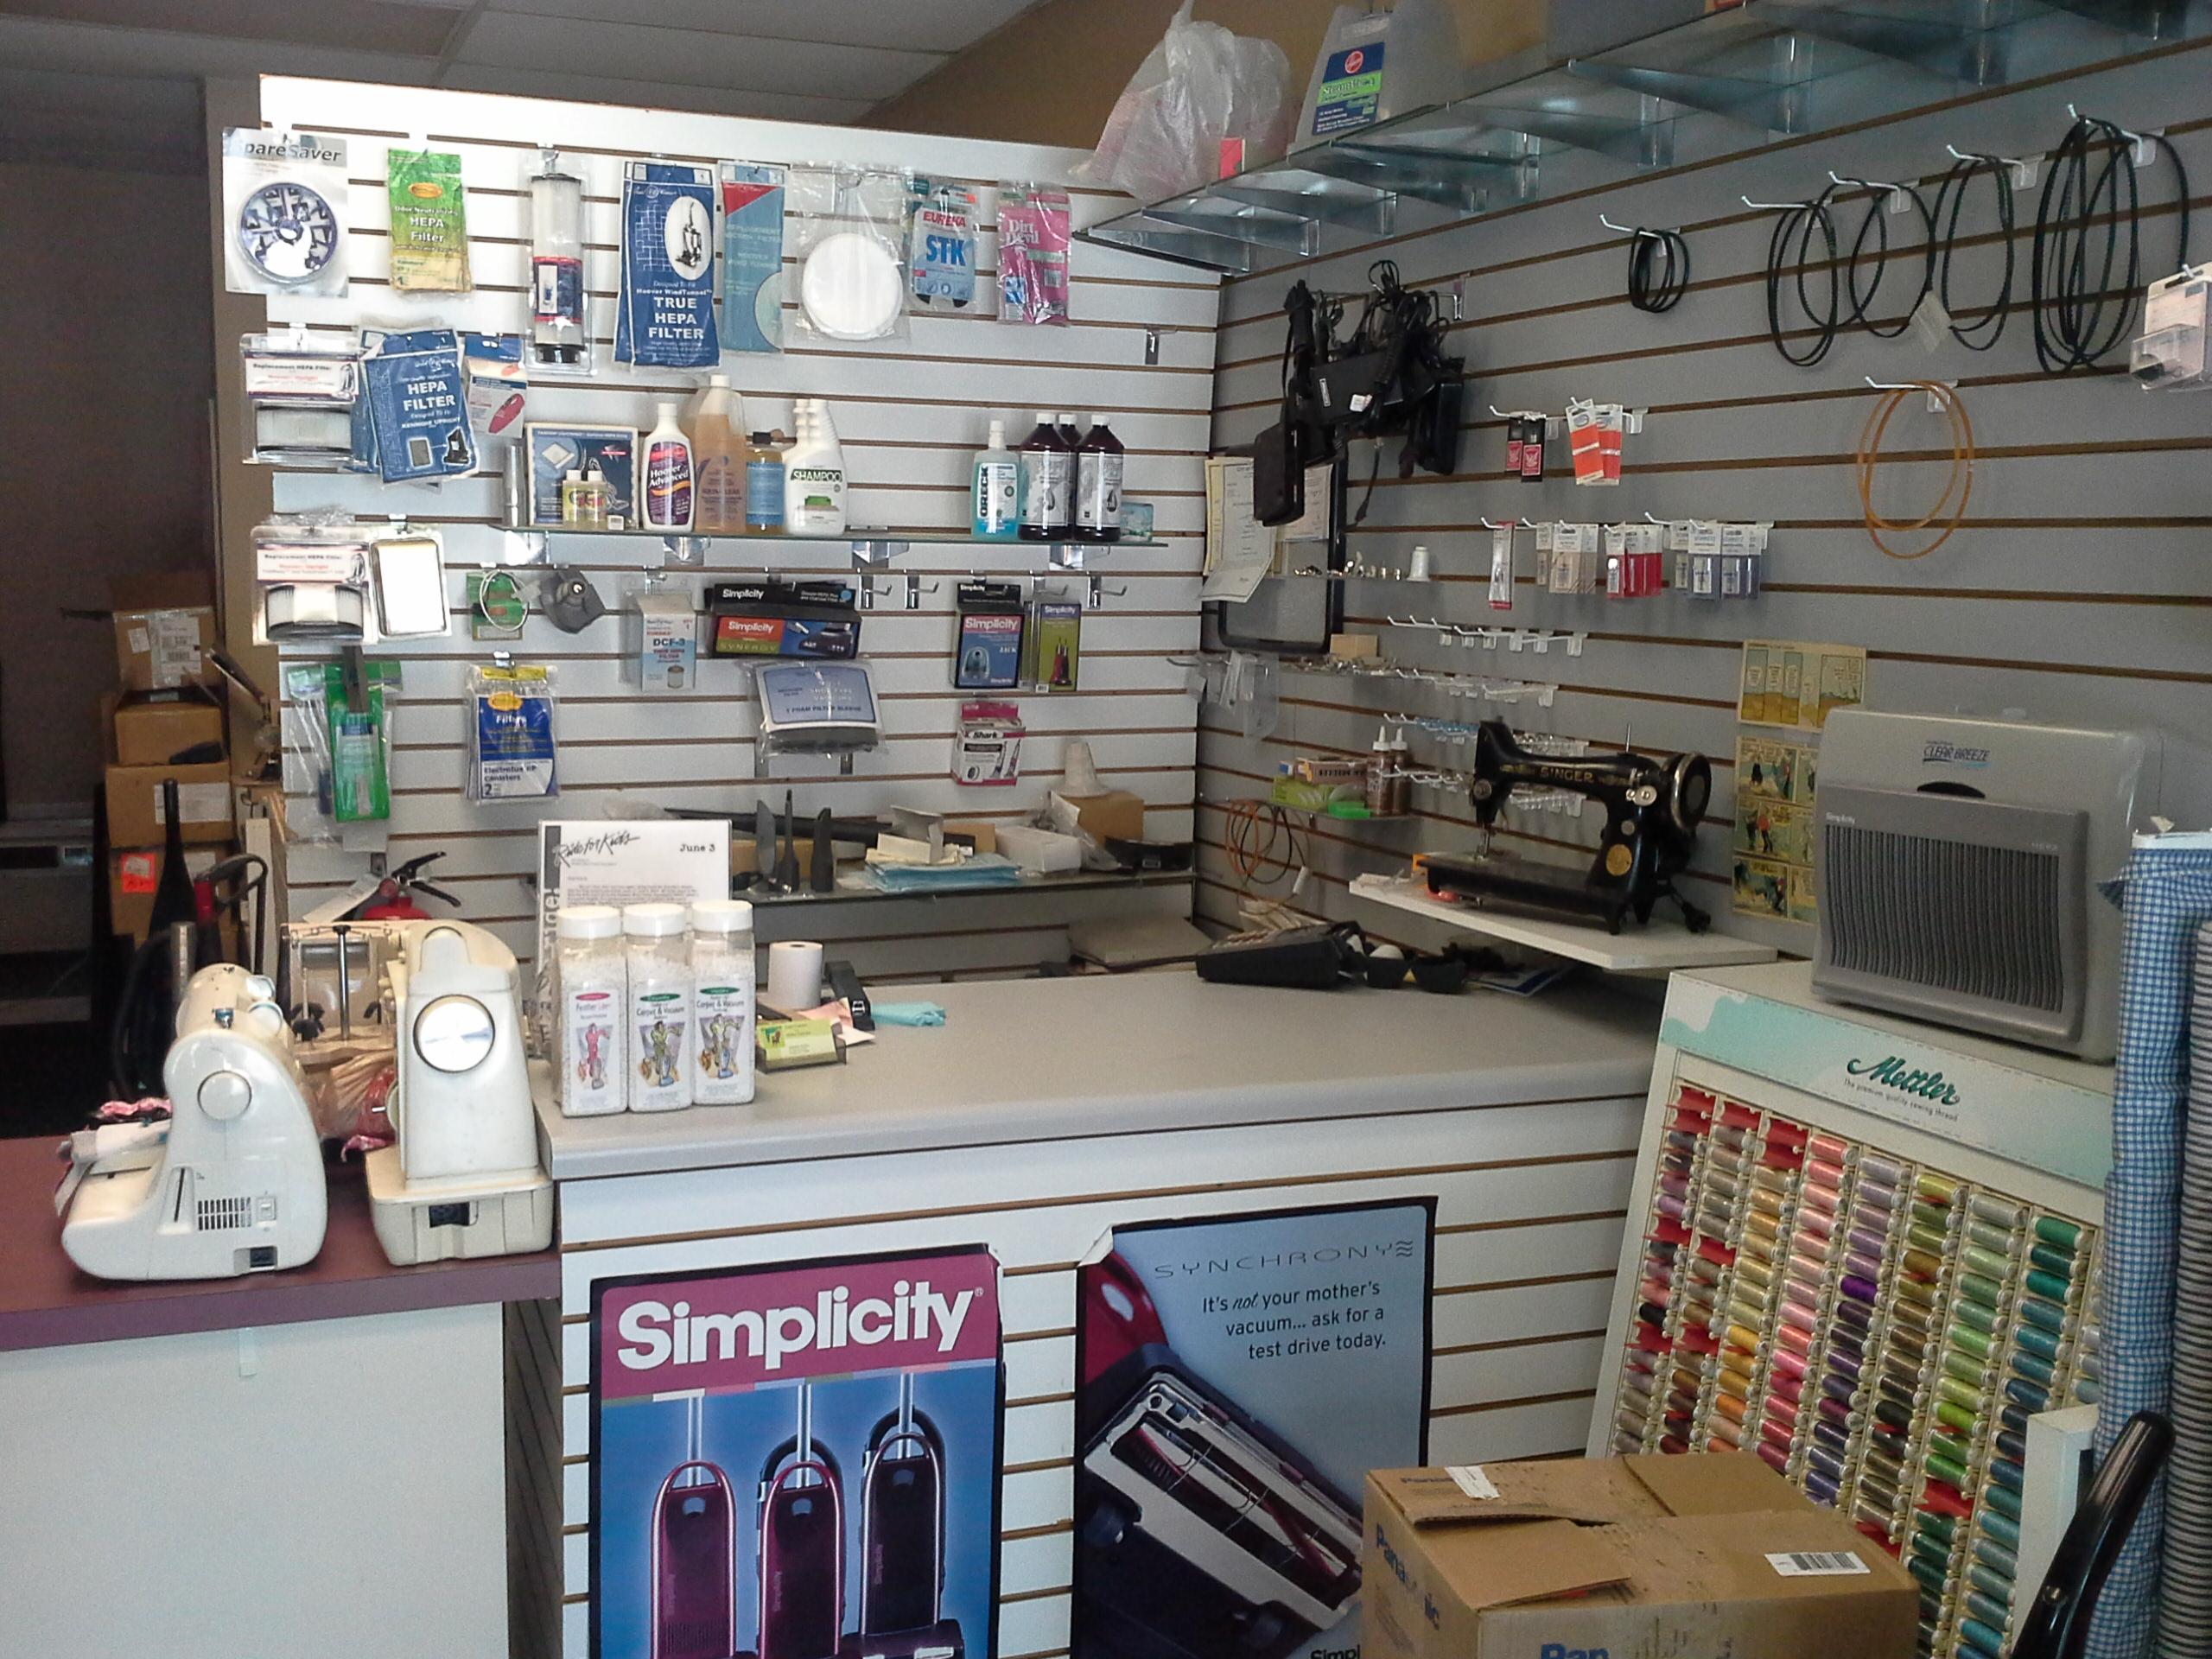 sewing machine and vacuum repair